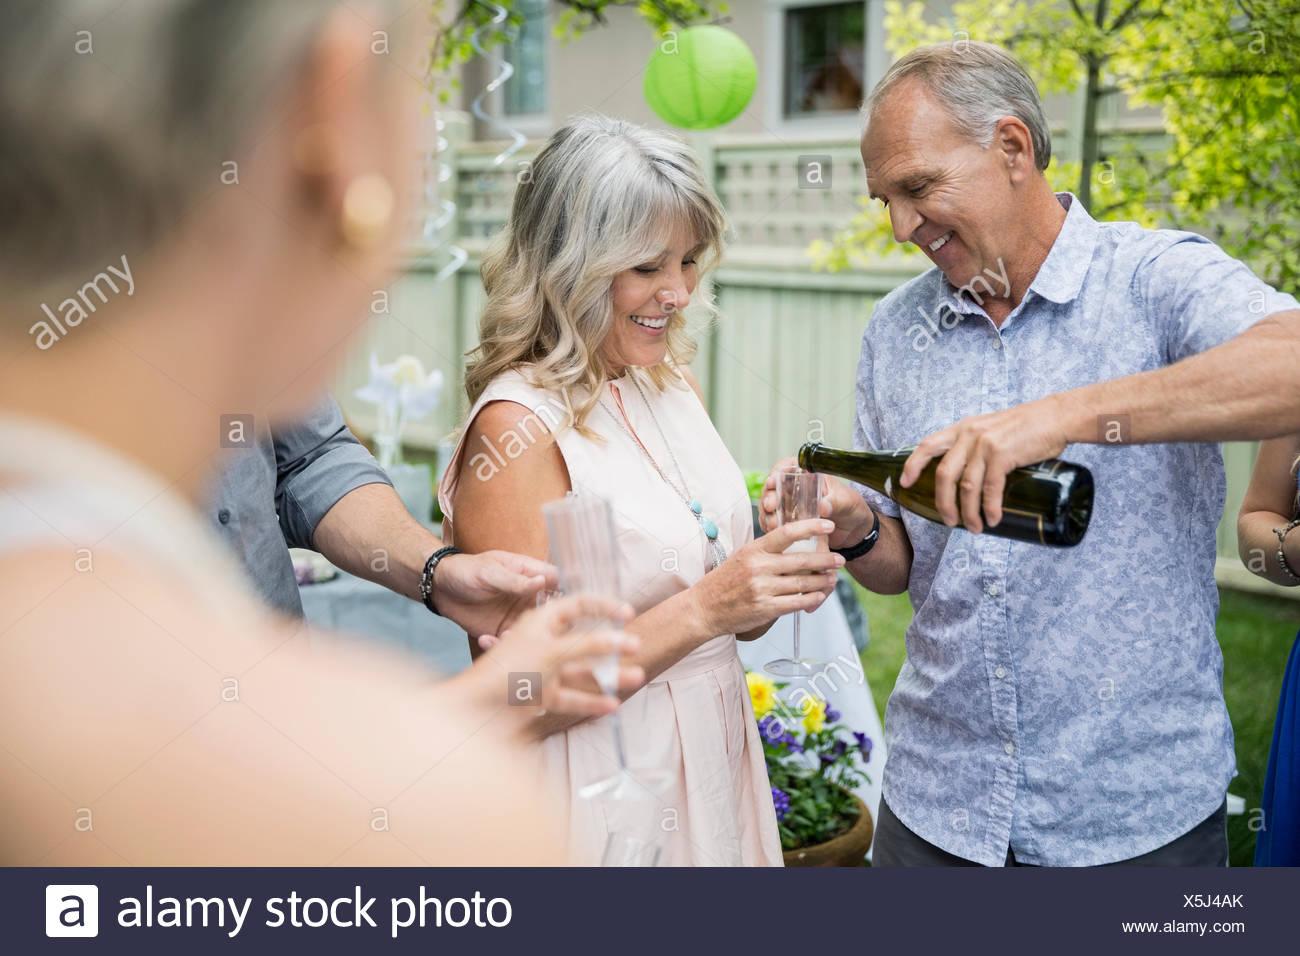 Ehemann Gießen Champagner für Frau auf Gartenparty Stockbild